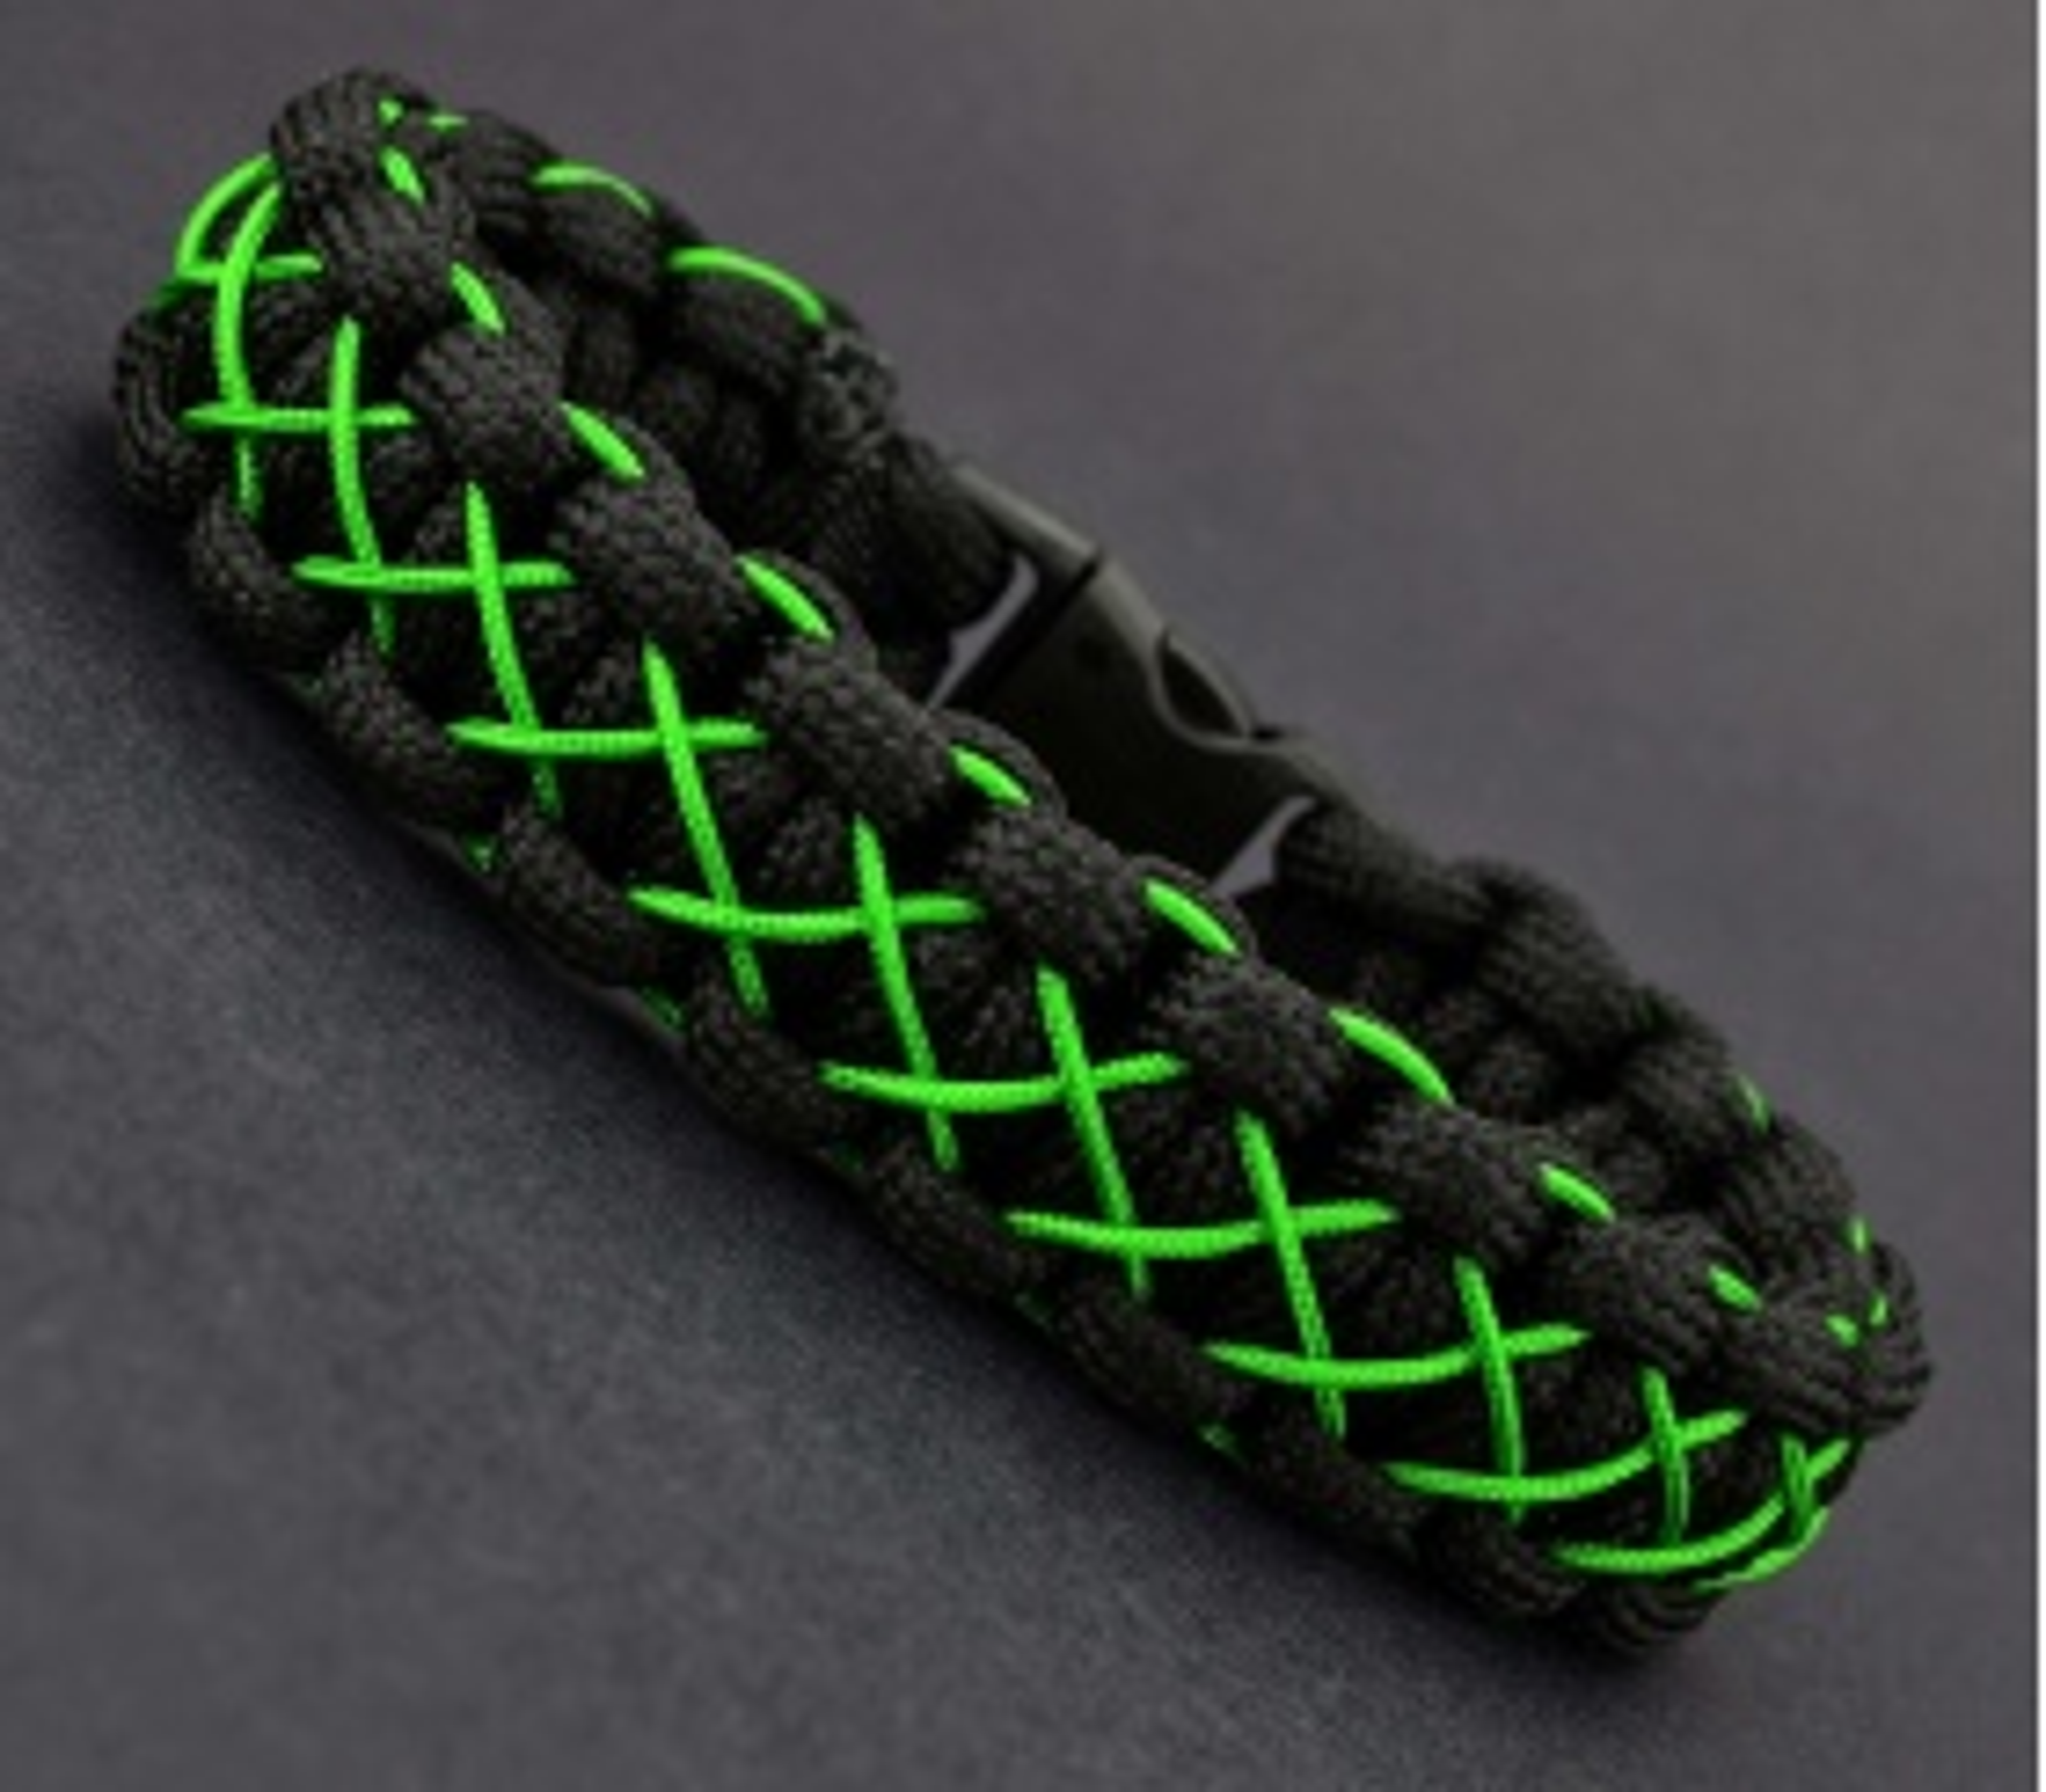 Siyah Yeşil Paracord Bileklik - PAR0066